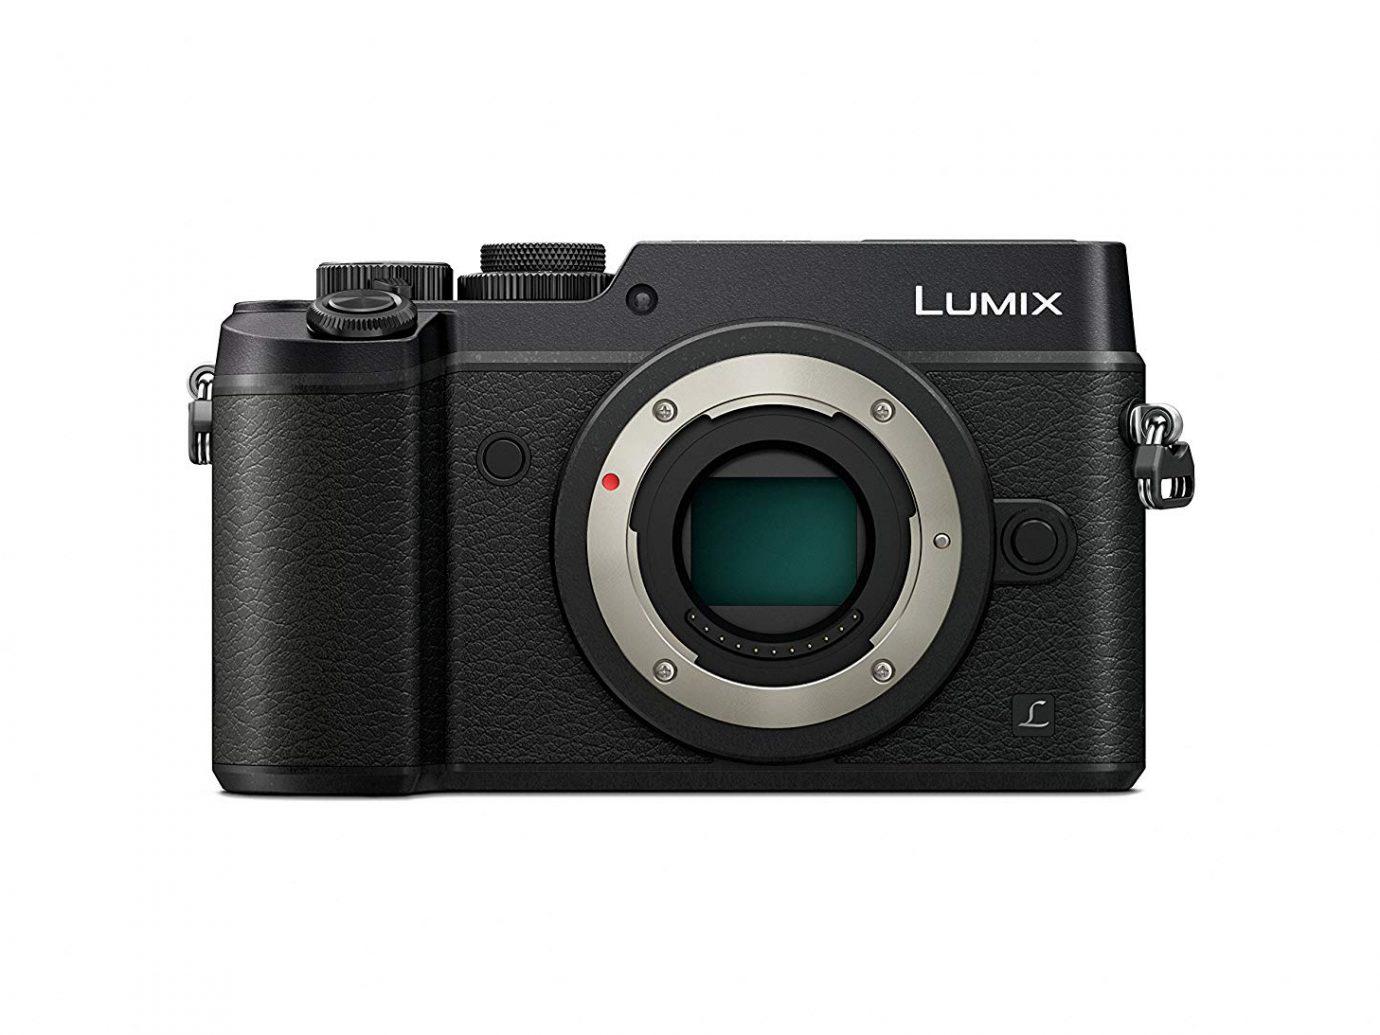 Panasonic LUMIX GX8 Mirrorless Camera